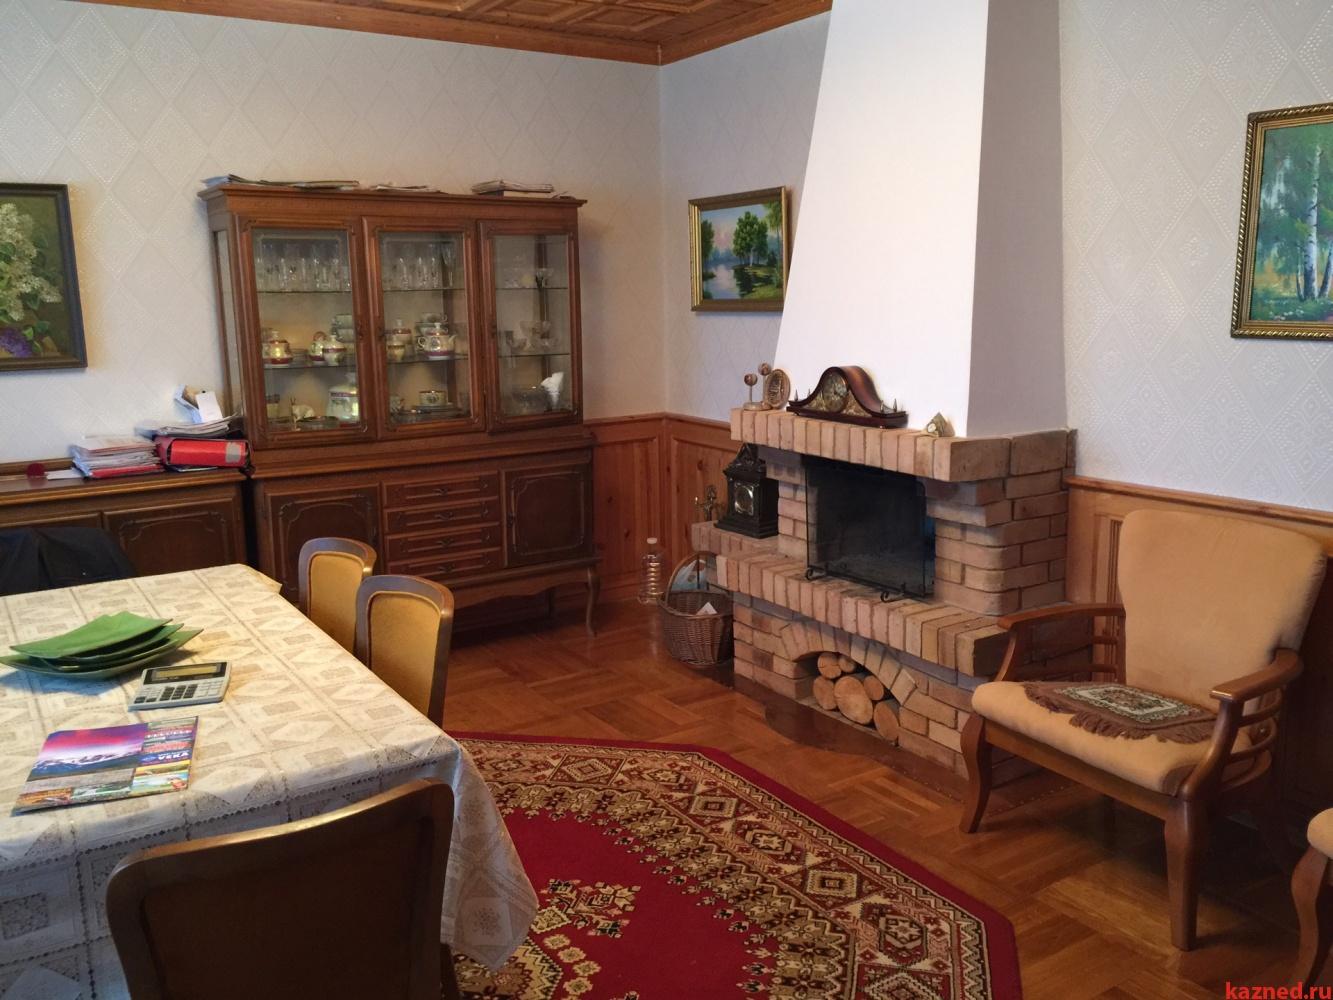 Продажа  дома Овражная, 48, 240 м²  (миниатюра №3)